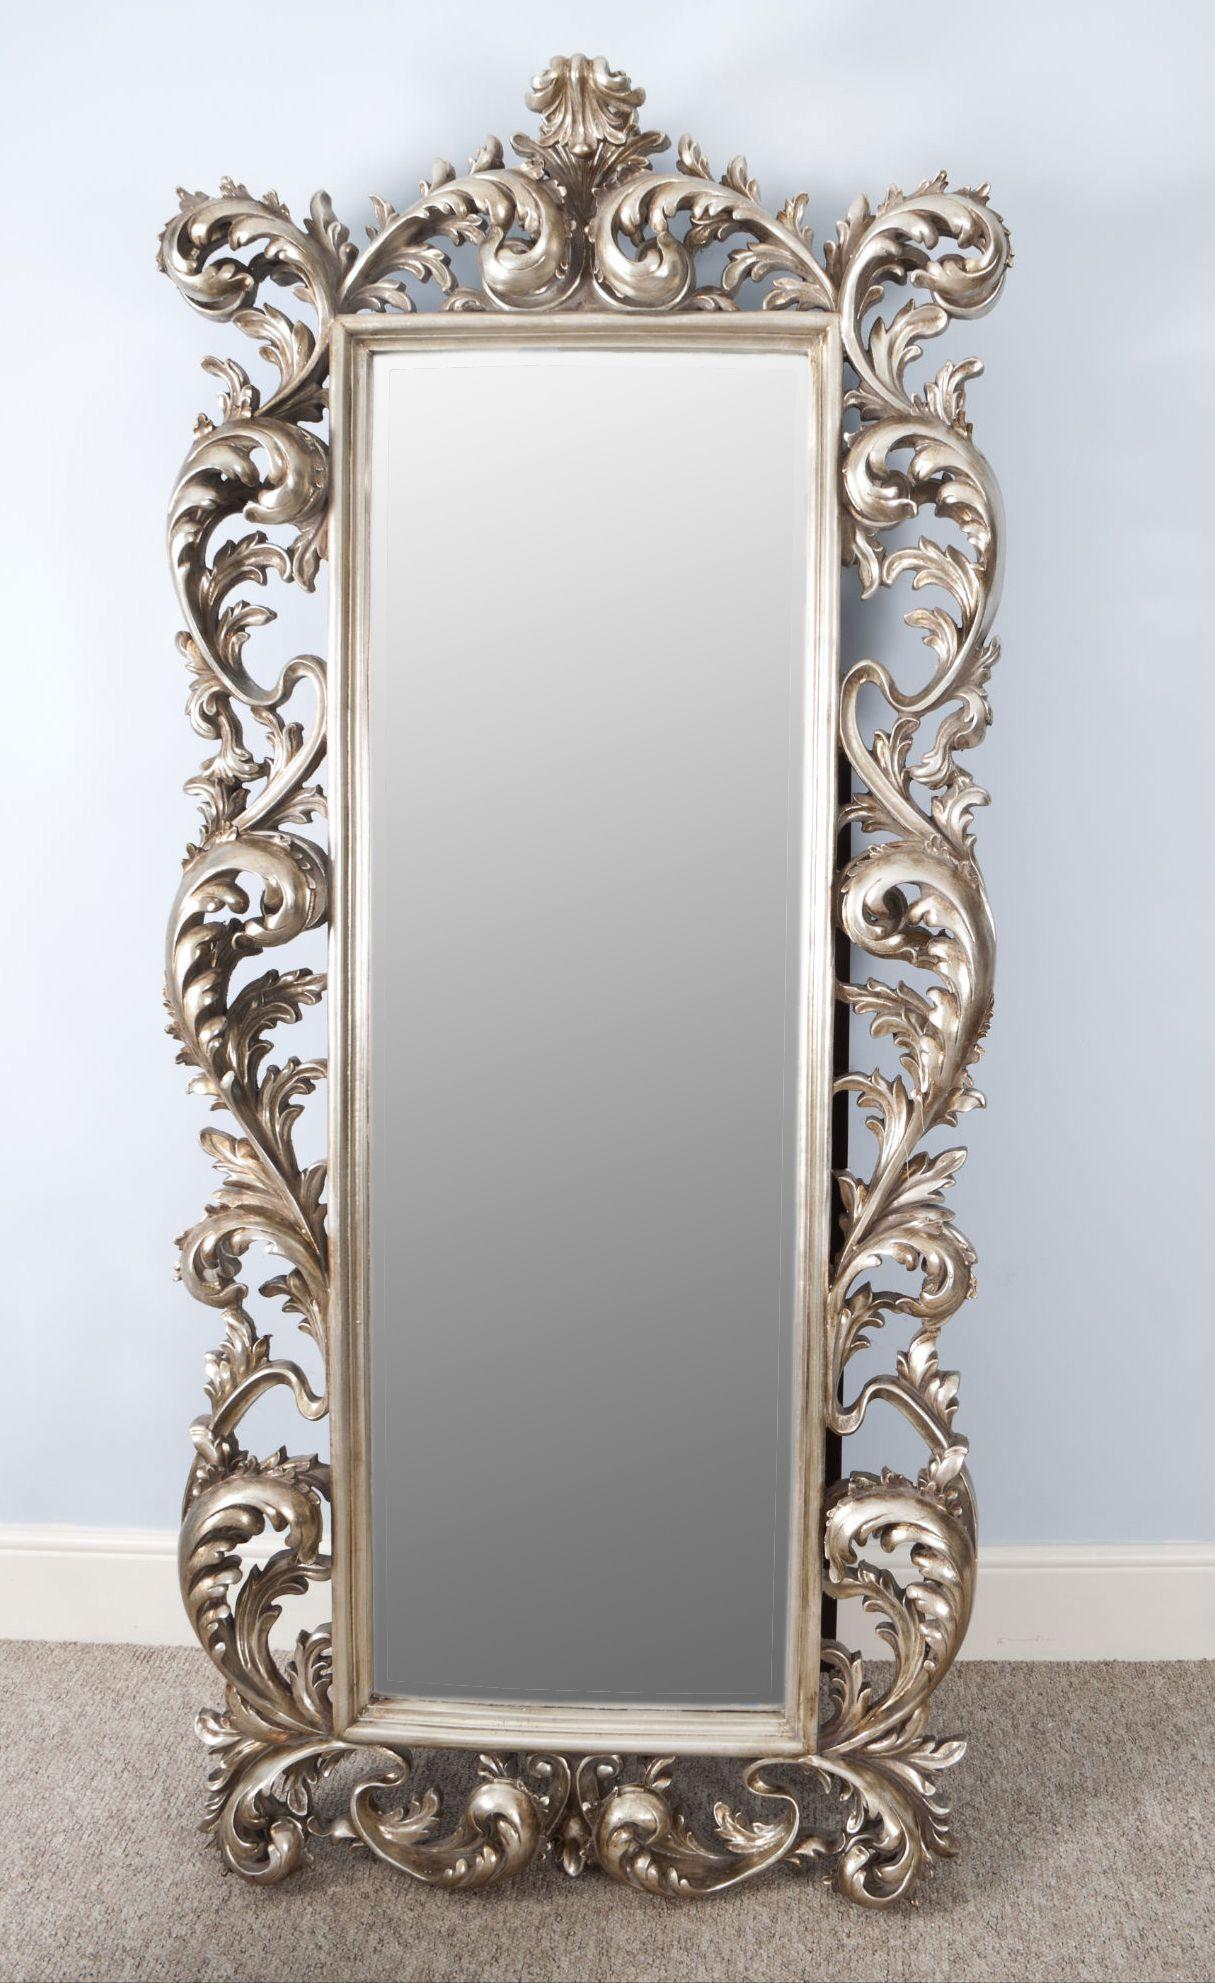 Antique Mirror Wall Clock Vintage Wall Mirror Chain Vintage Mirror In Vintage Wall Mirrors (Image 3 of 20)